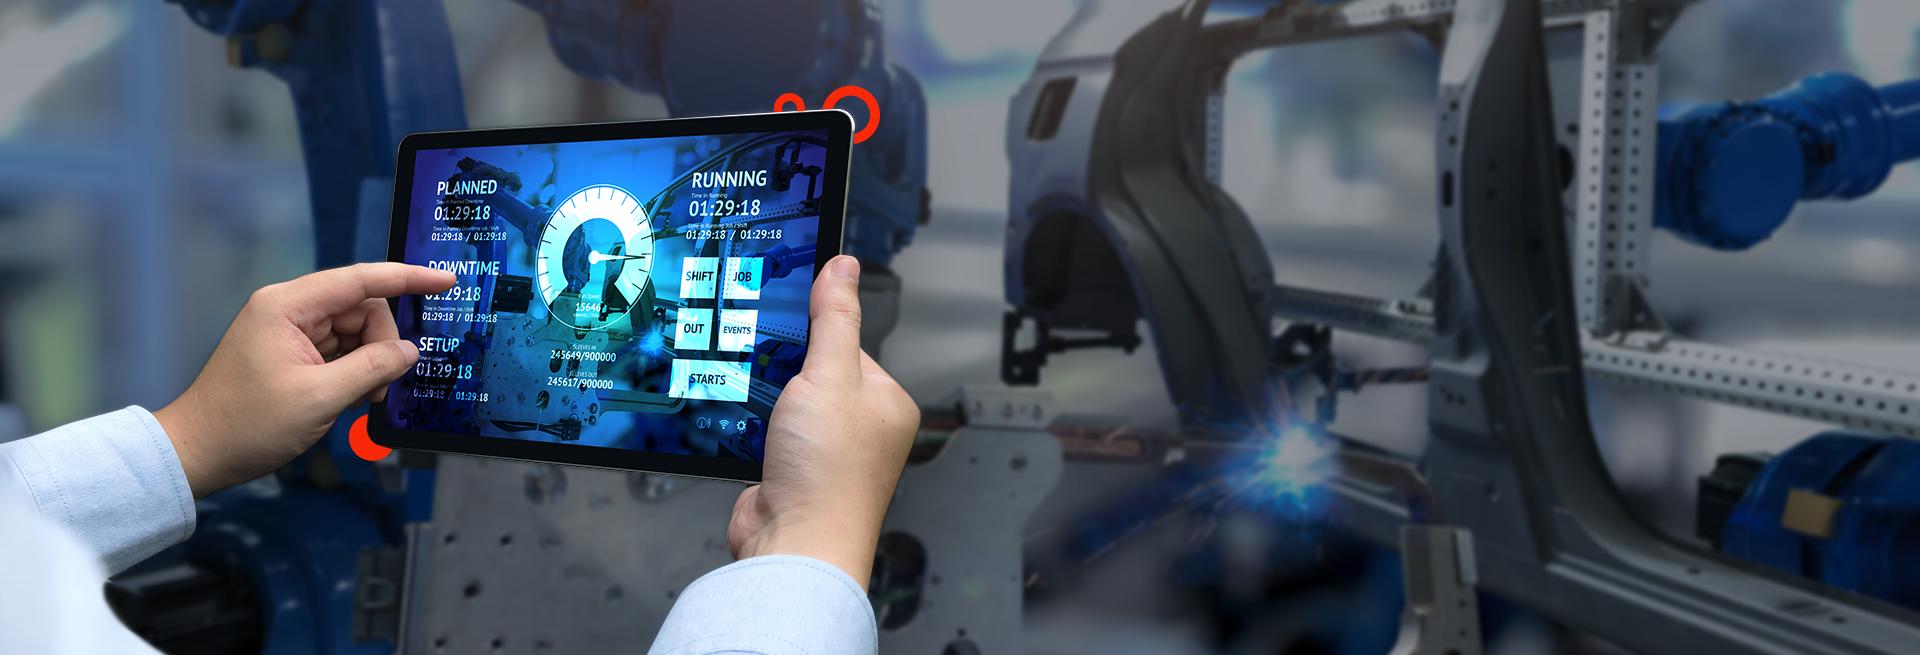 Hoje, qual é o papel da transformação digital na indústria automotiva? Entenda melhor este cenário em nosso blog. - Blog Metagal